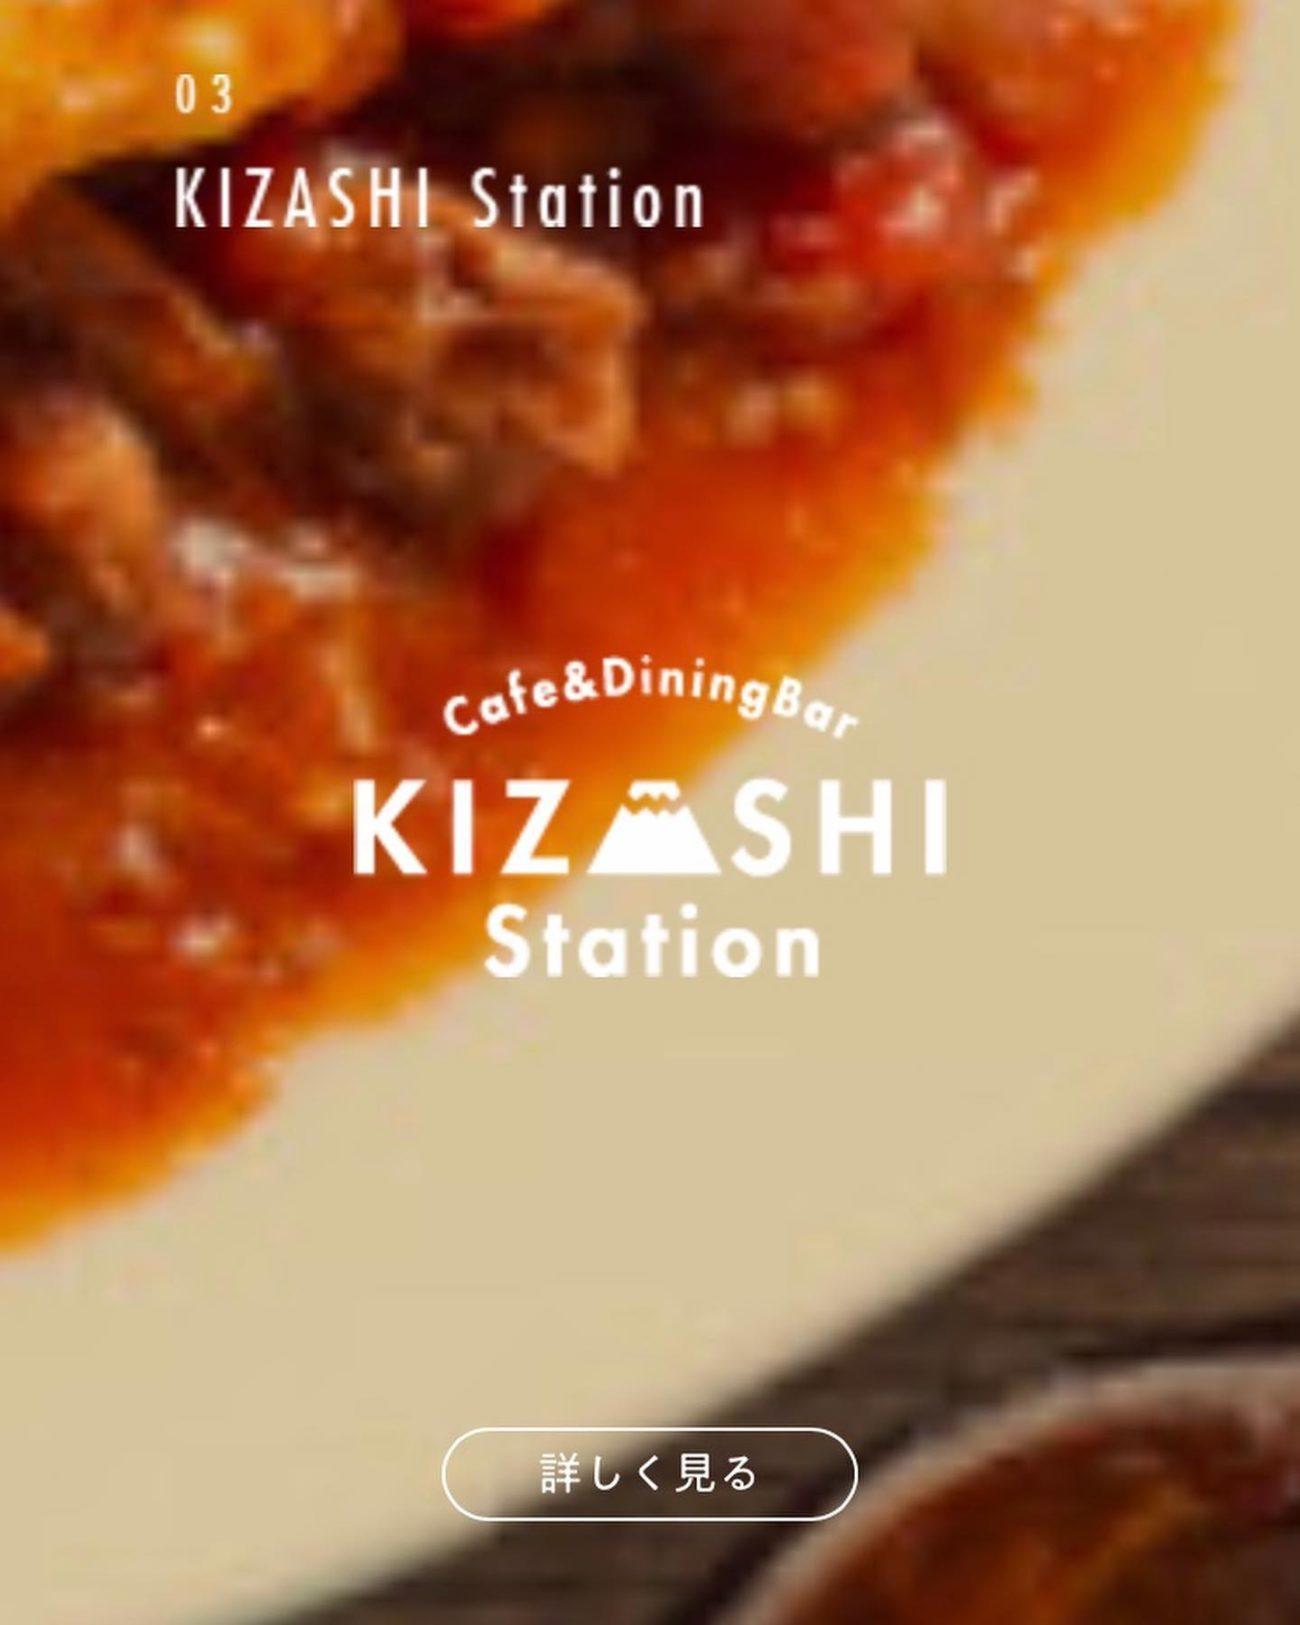 アビエス2020パートナーKIZASHI Station紹介-ロゴイメージ